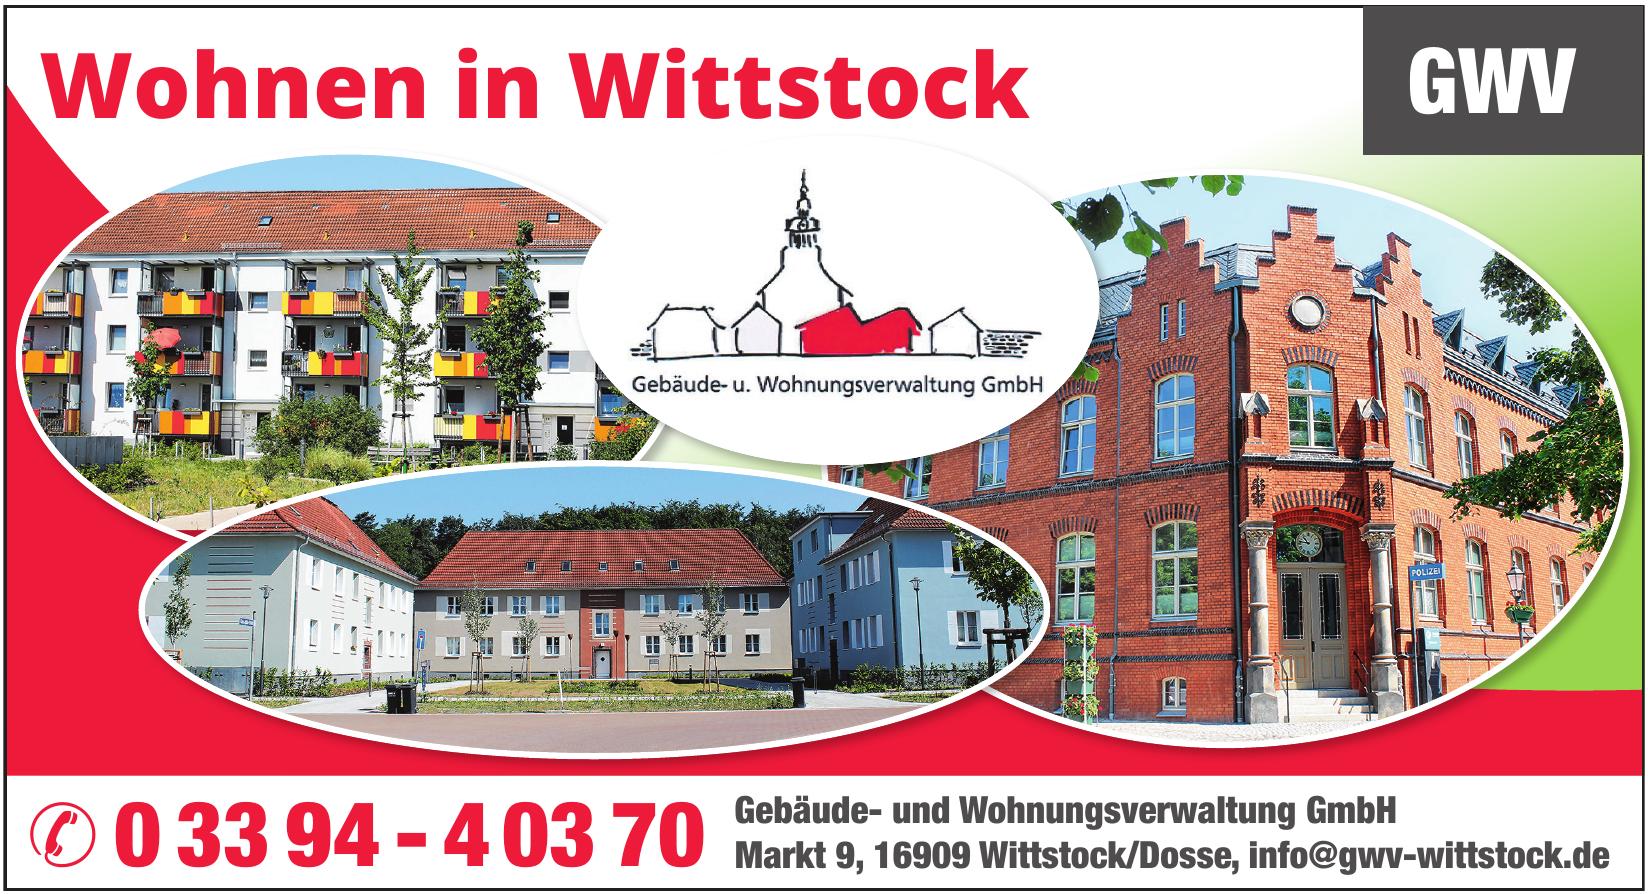 GWV Gebäude- und Wohnungsverwaltung GmbH